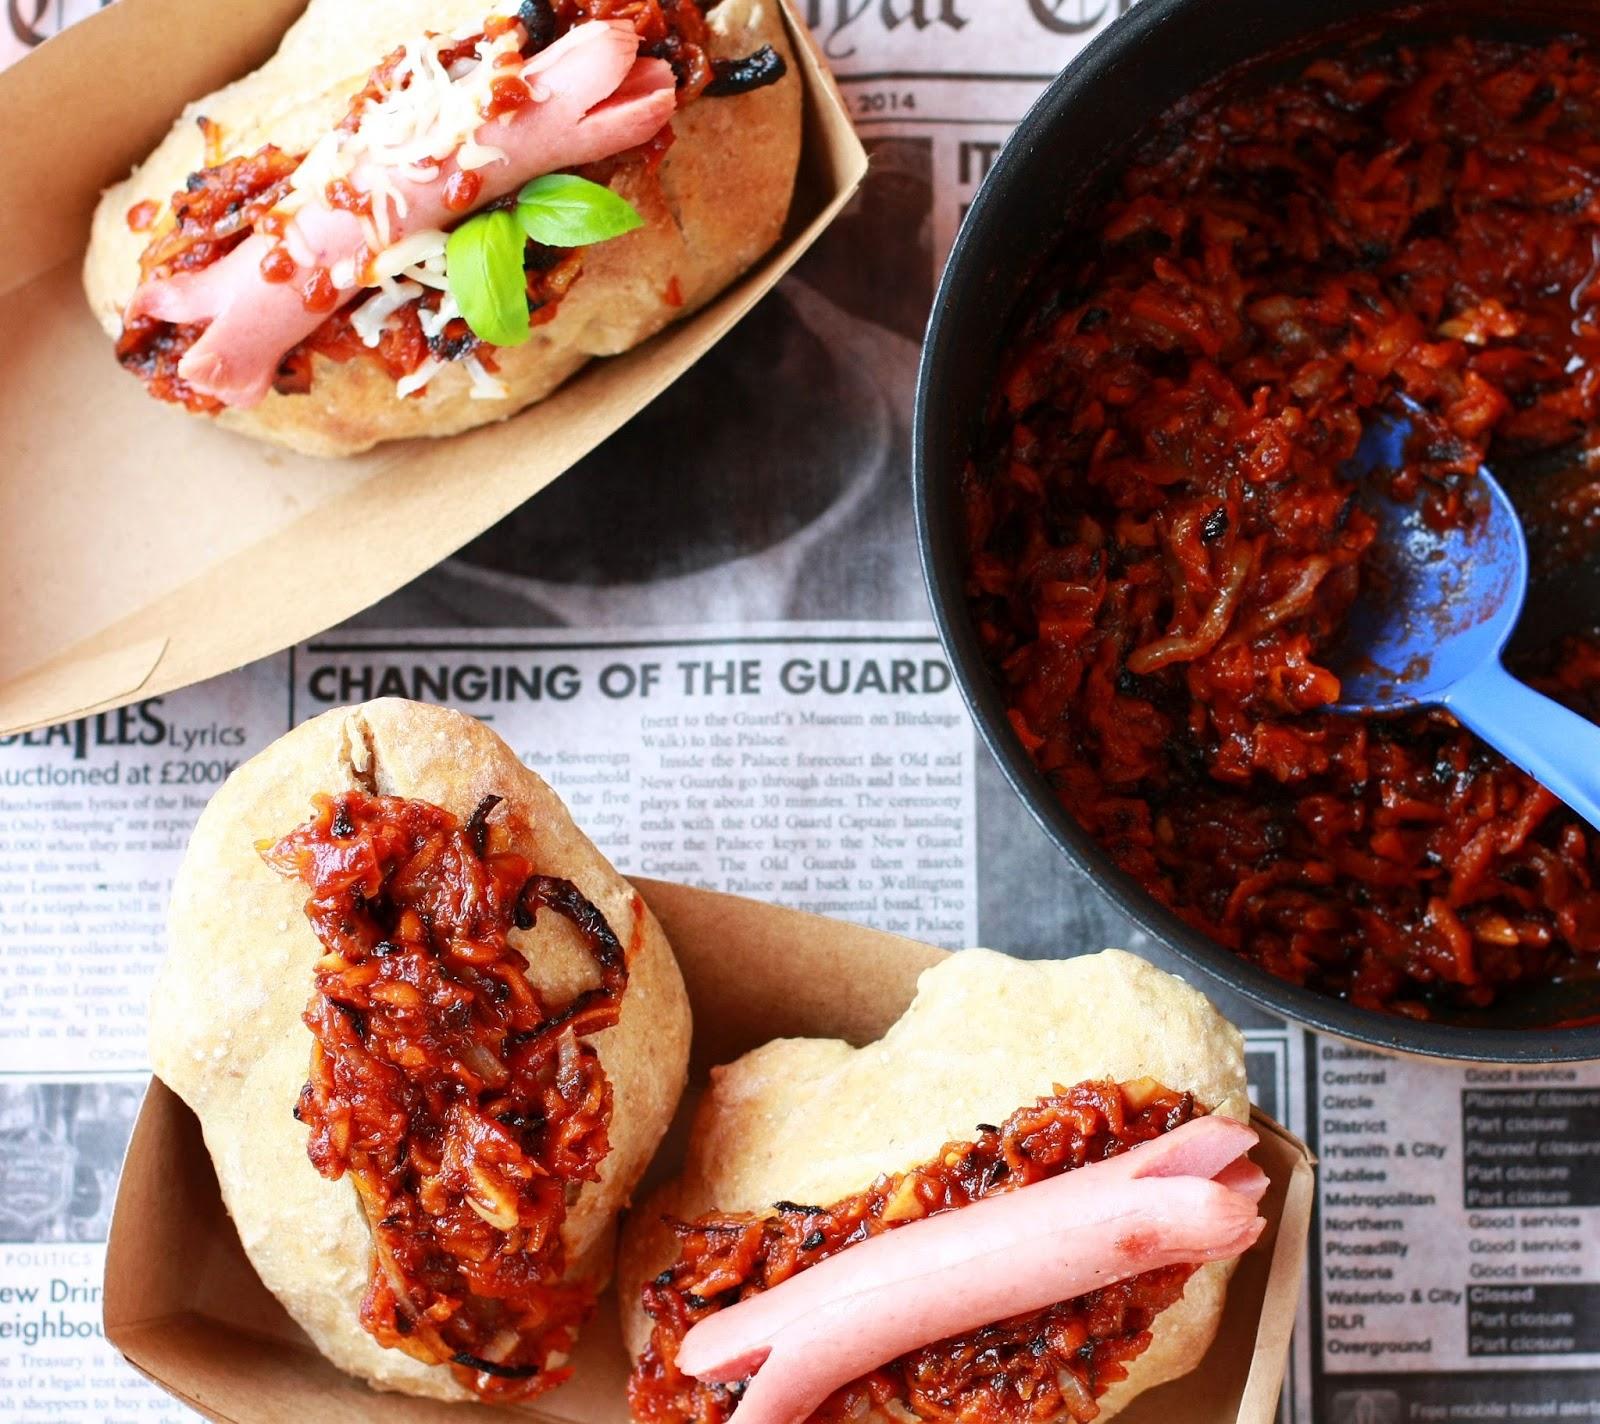 nyhtöporkkanahodarit hot dog hodari nyhtöporkkana kasvisruoka katuruoka mallaspulla